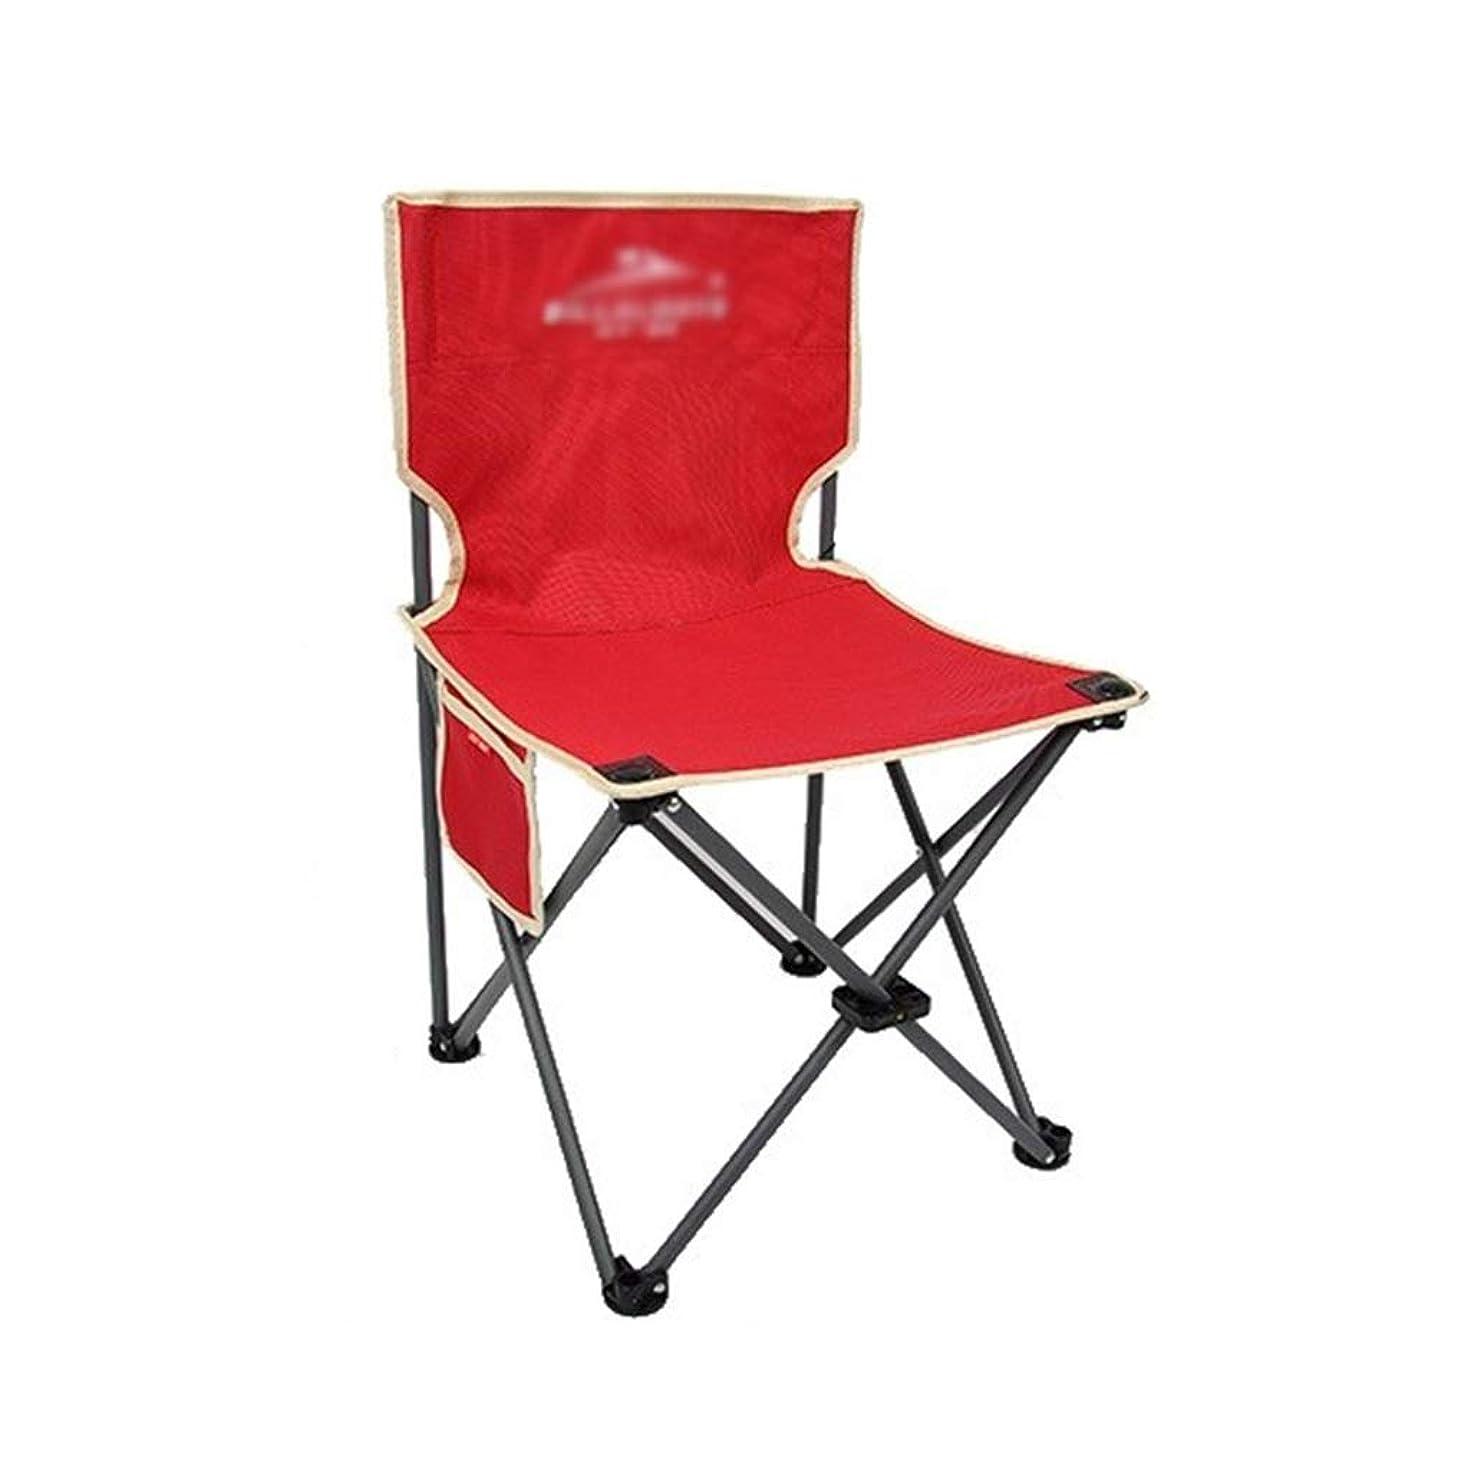 安息ブリーク民兵CSQポータブル キャンプチェア、赤い丈夫な屋外チェア耐久性のある防水ピクニックチェアビーチベンチ折りたたみ釣りチェア 折りたたみ式 (Color : Red, Size : 38CM)